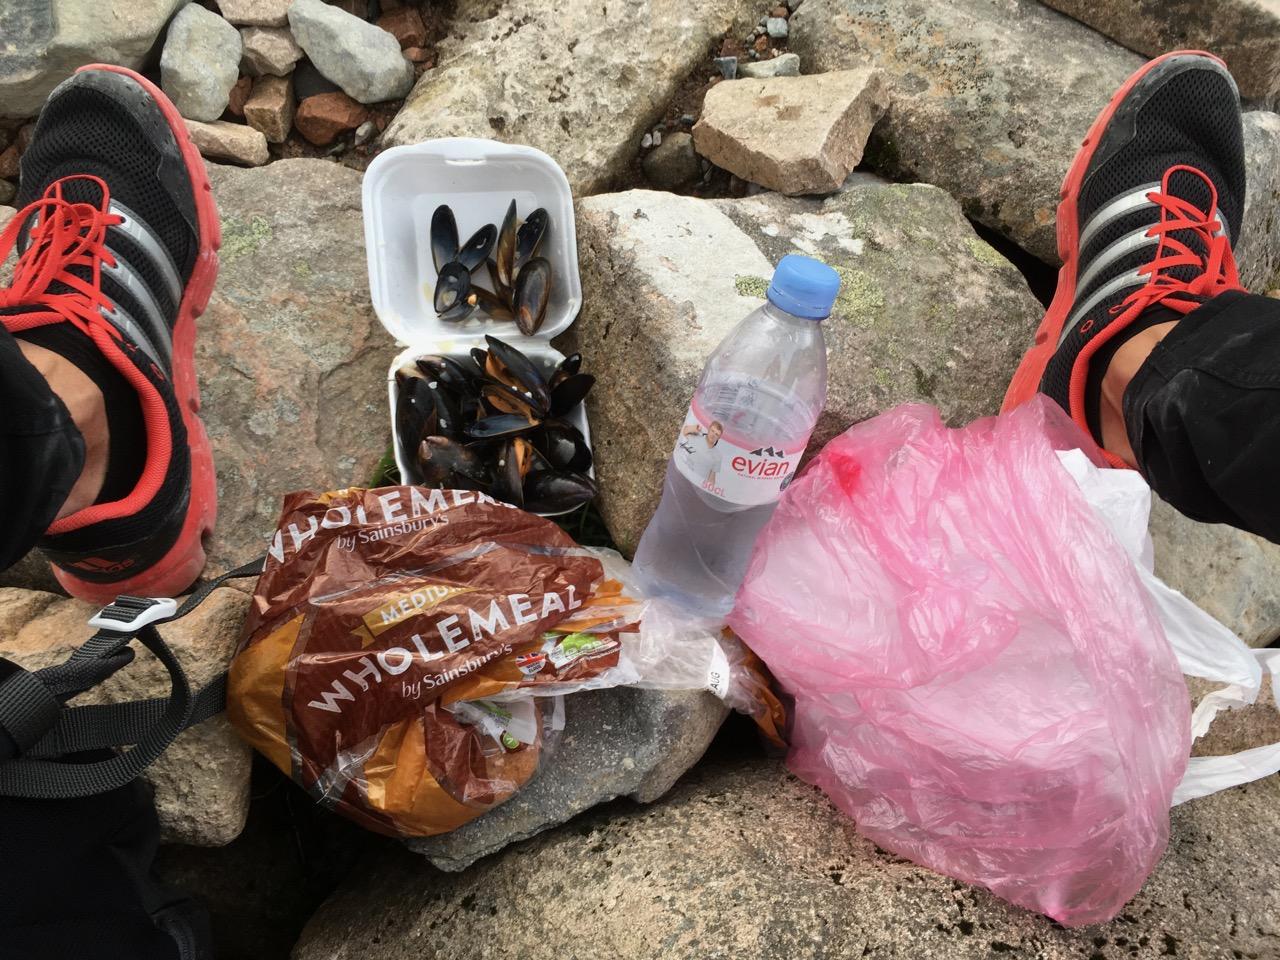 找了块石头一边休息,一边补充能量。从Oban打包带来的牡蛎和就地取材的Evian牌高地山泉,美滋滋